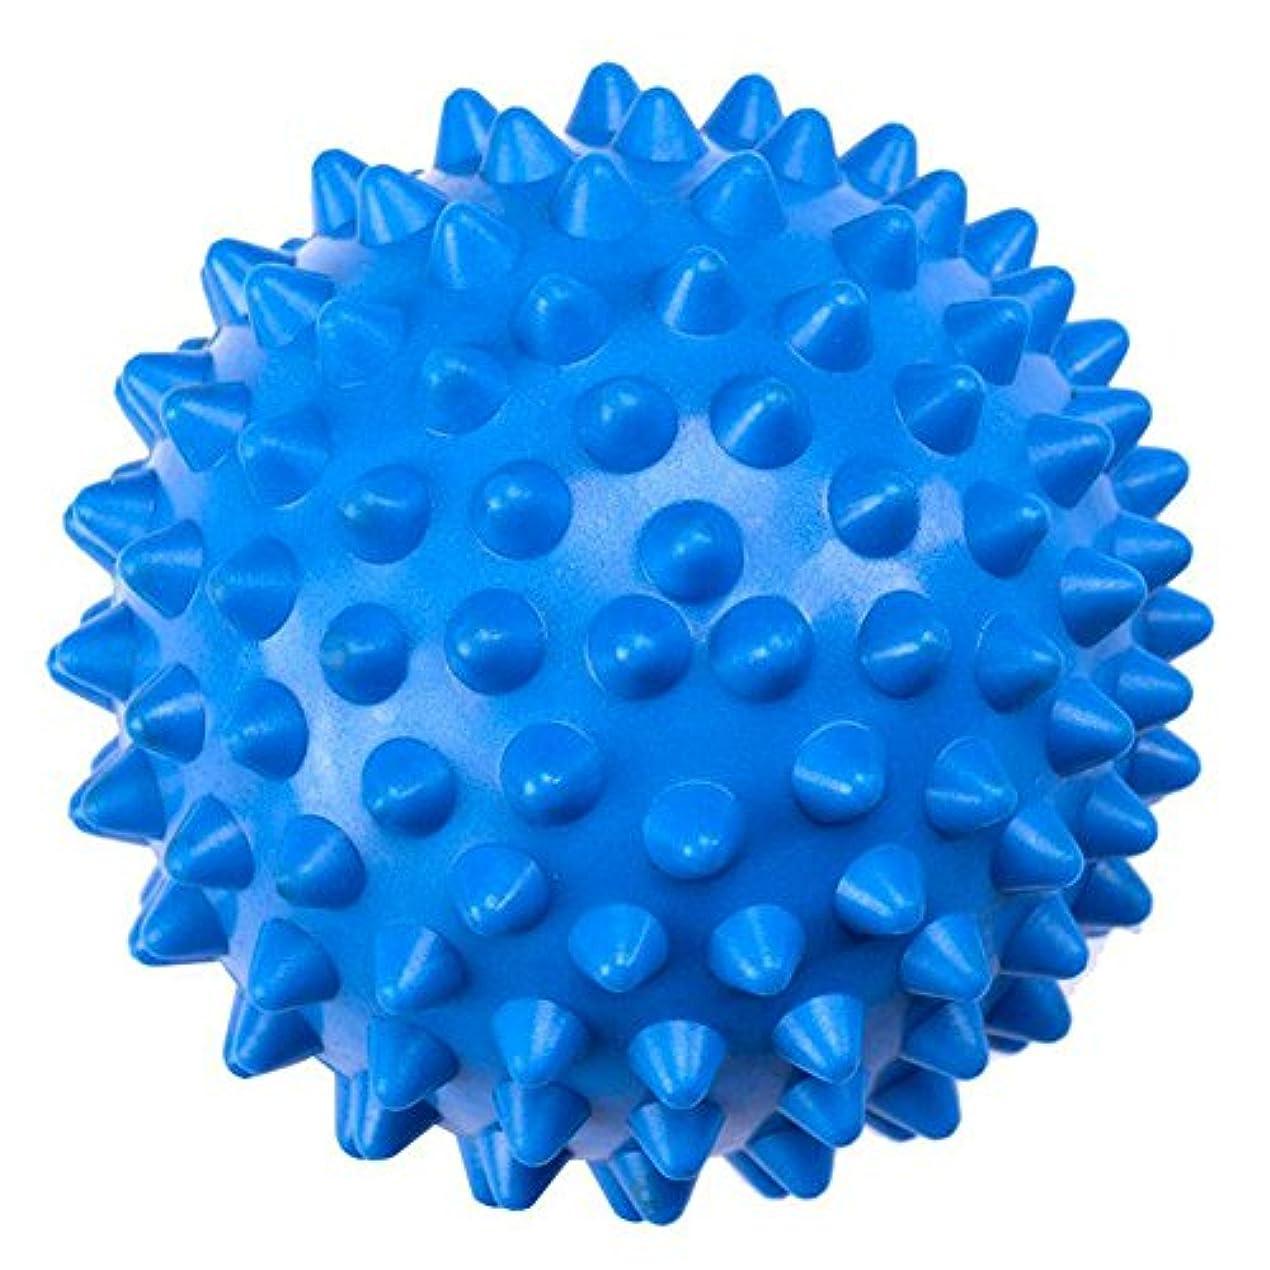 同種の封建プレゼントHiCollie マッサージボール 触覚ボール リフレックスボール トレーニングボール ポイントマッサージ 筋筋膜リリース 筋肉緊張和らげ 血液循環促進 6cm